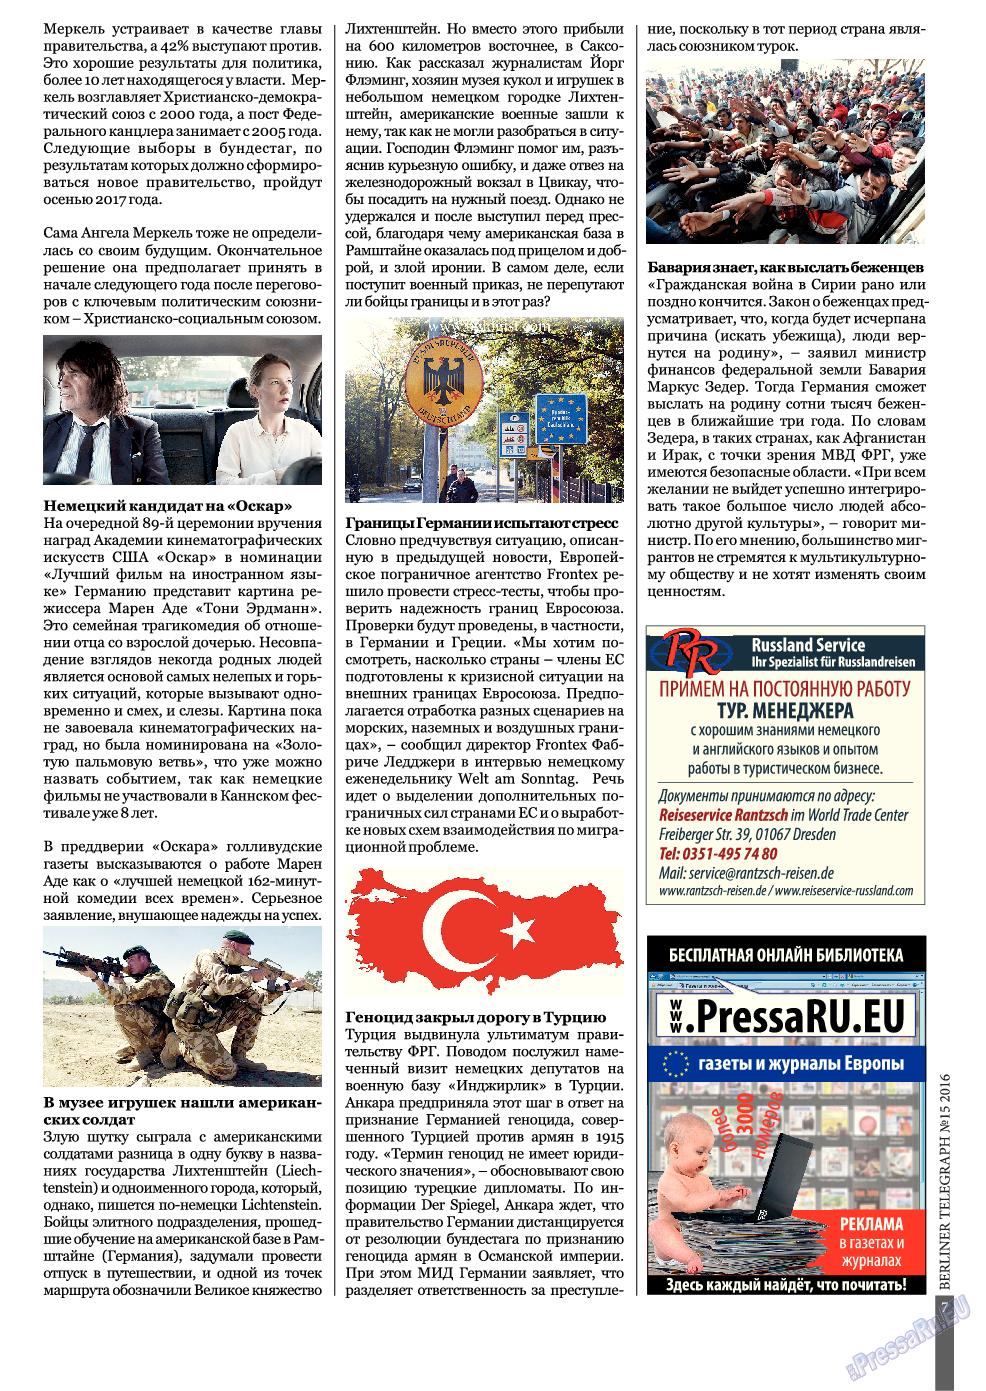 Берлинский телеграф (журнал). 2016 год, номер 15, стр. 7